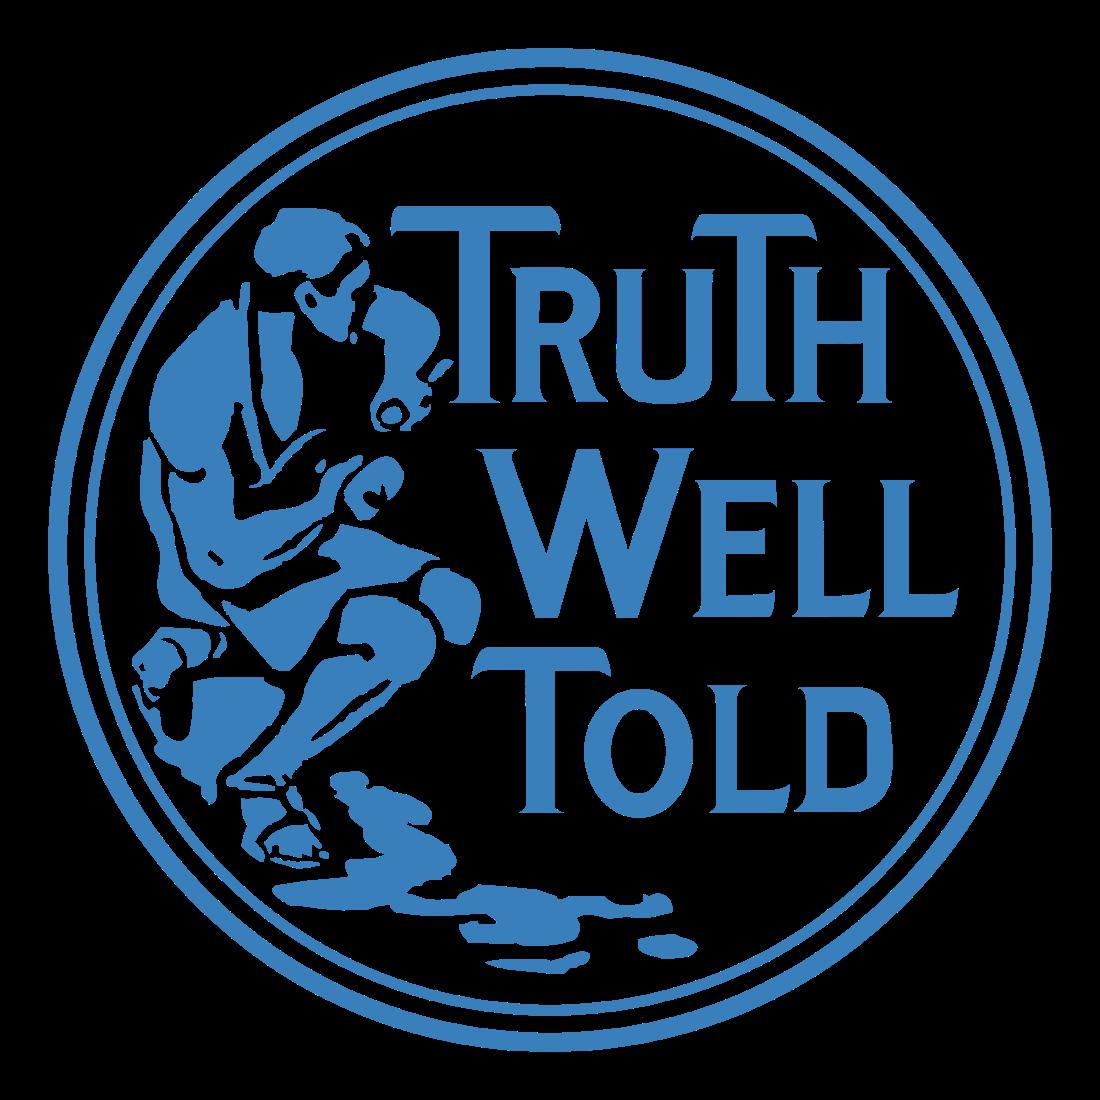 TruthTold